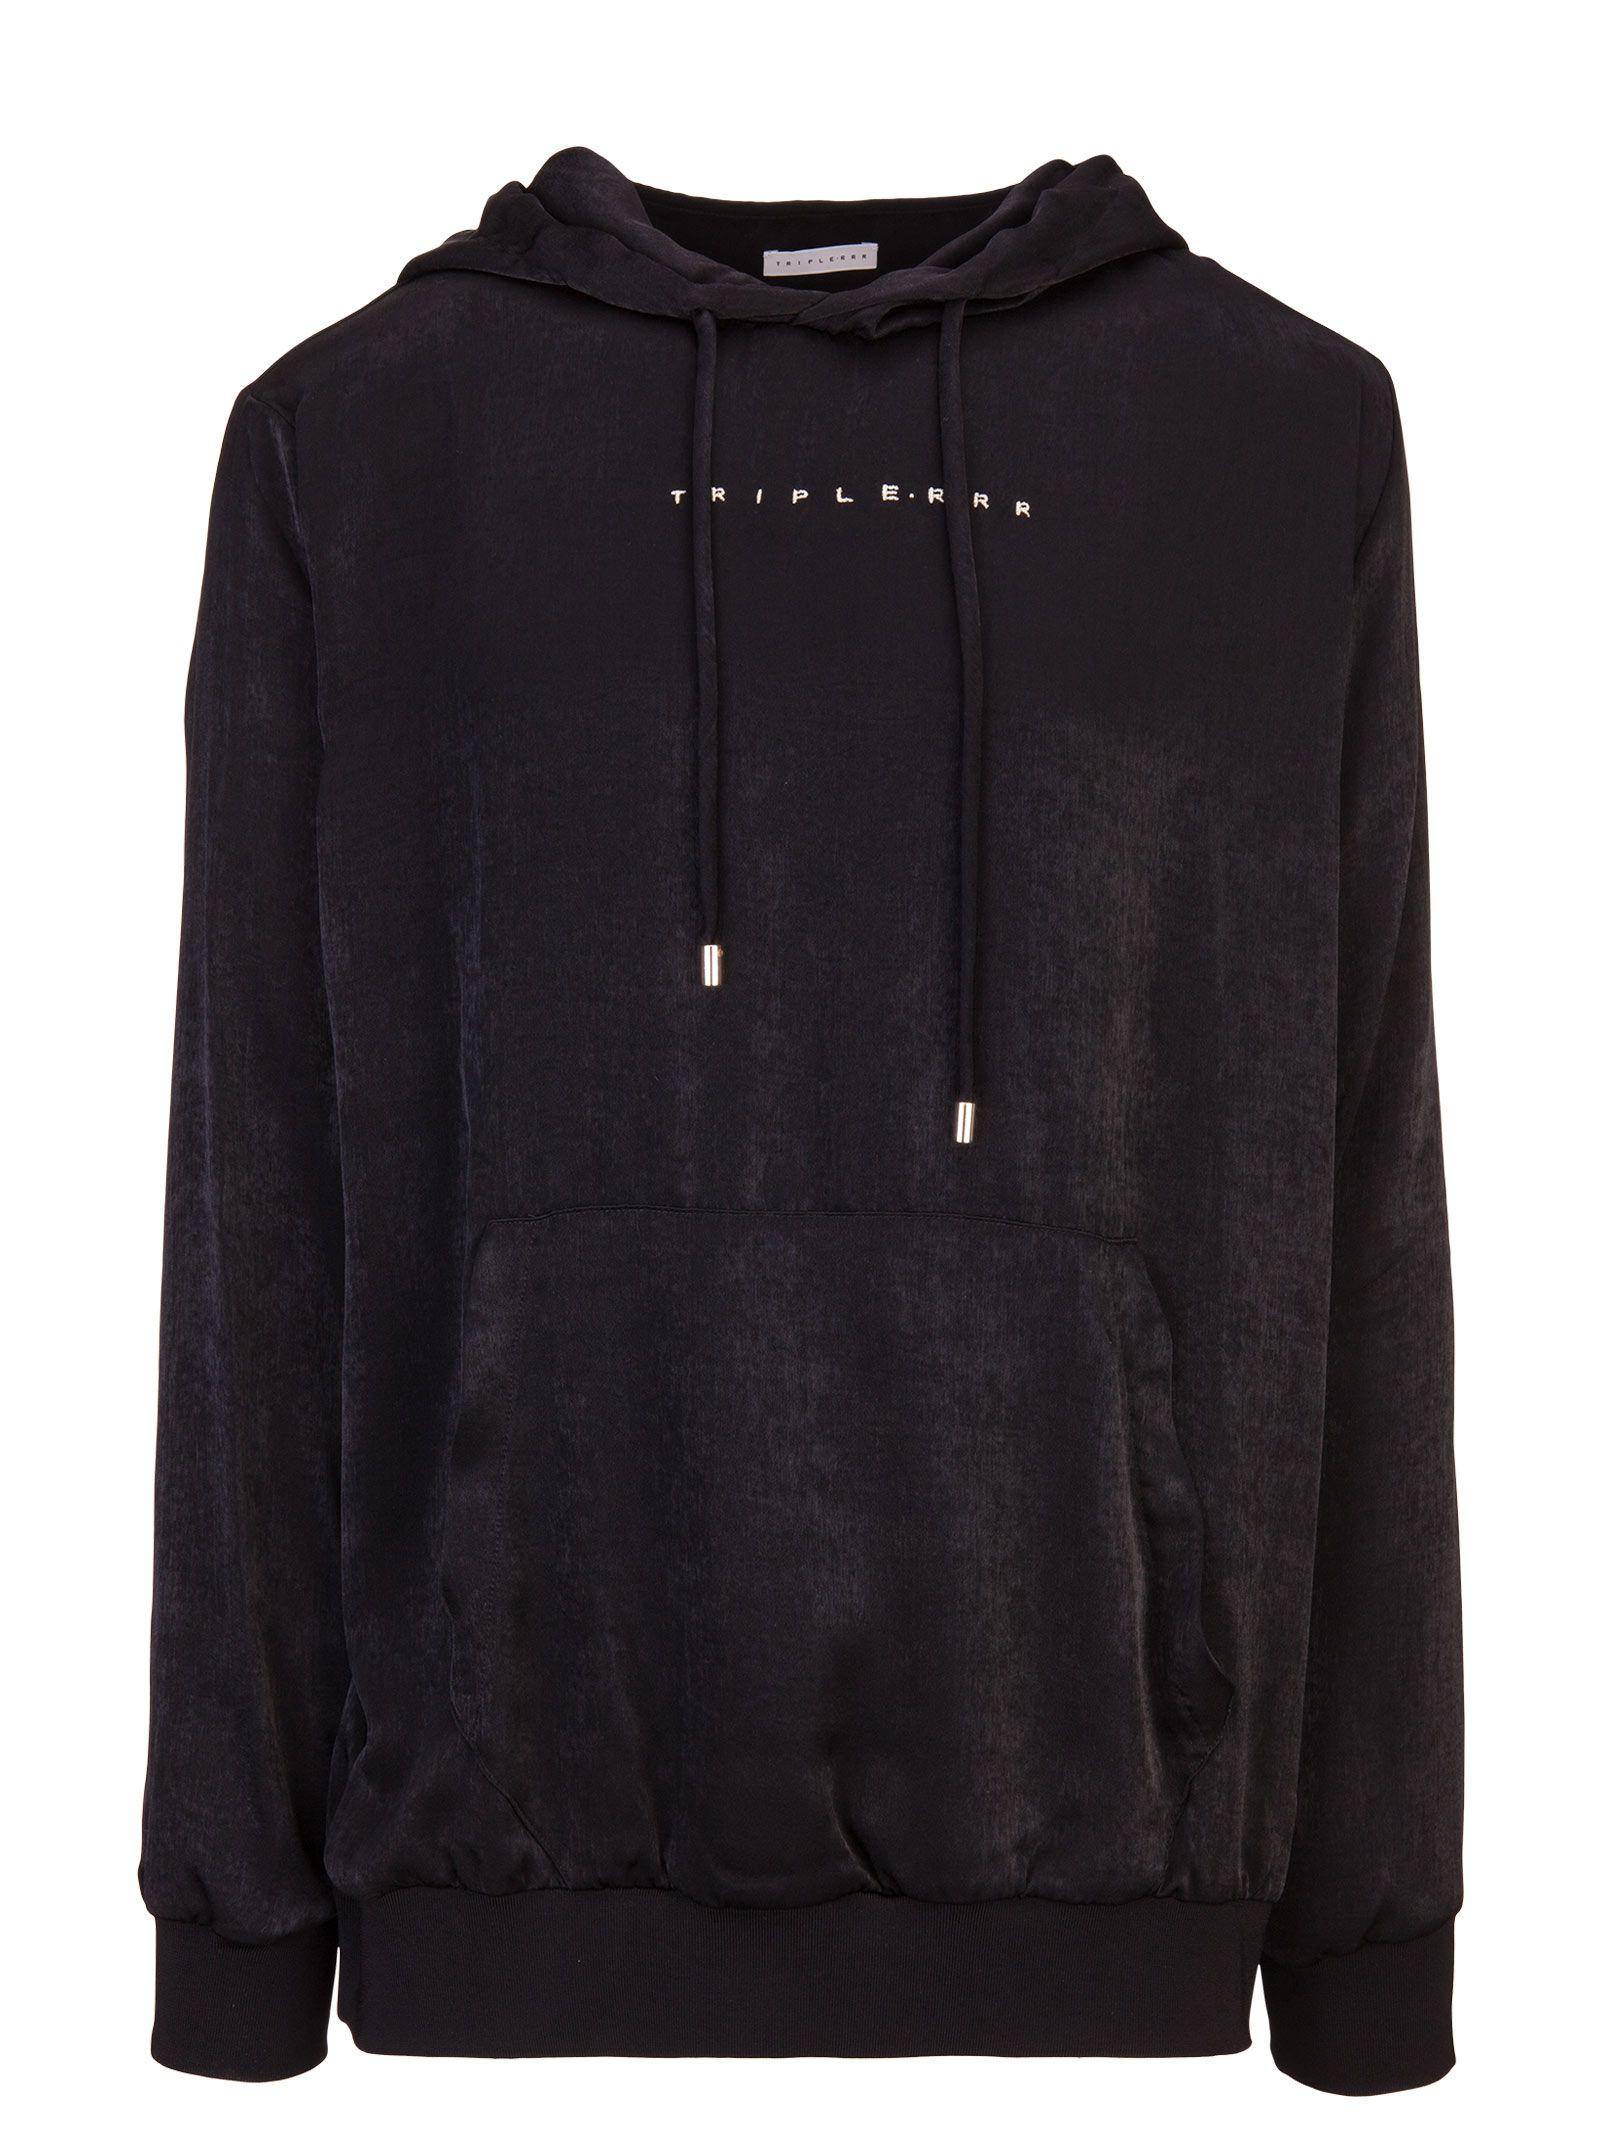 TRIPLE RRR Triple Rrr Sweatshirt